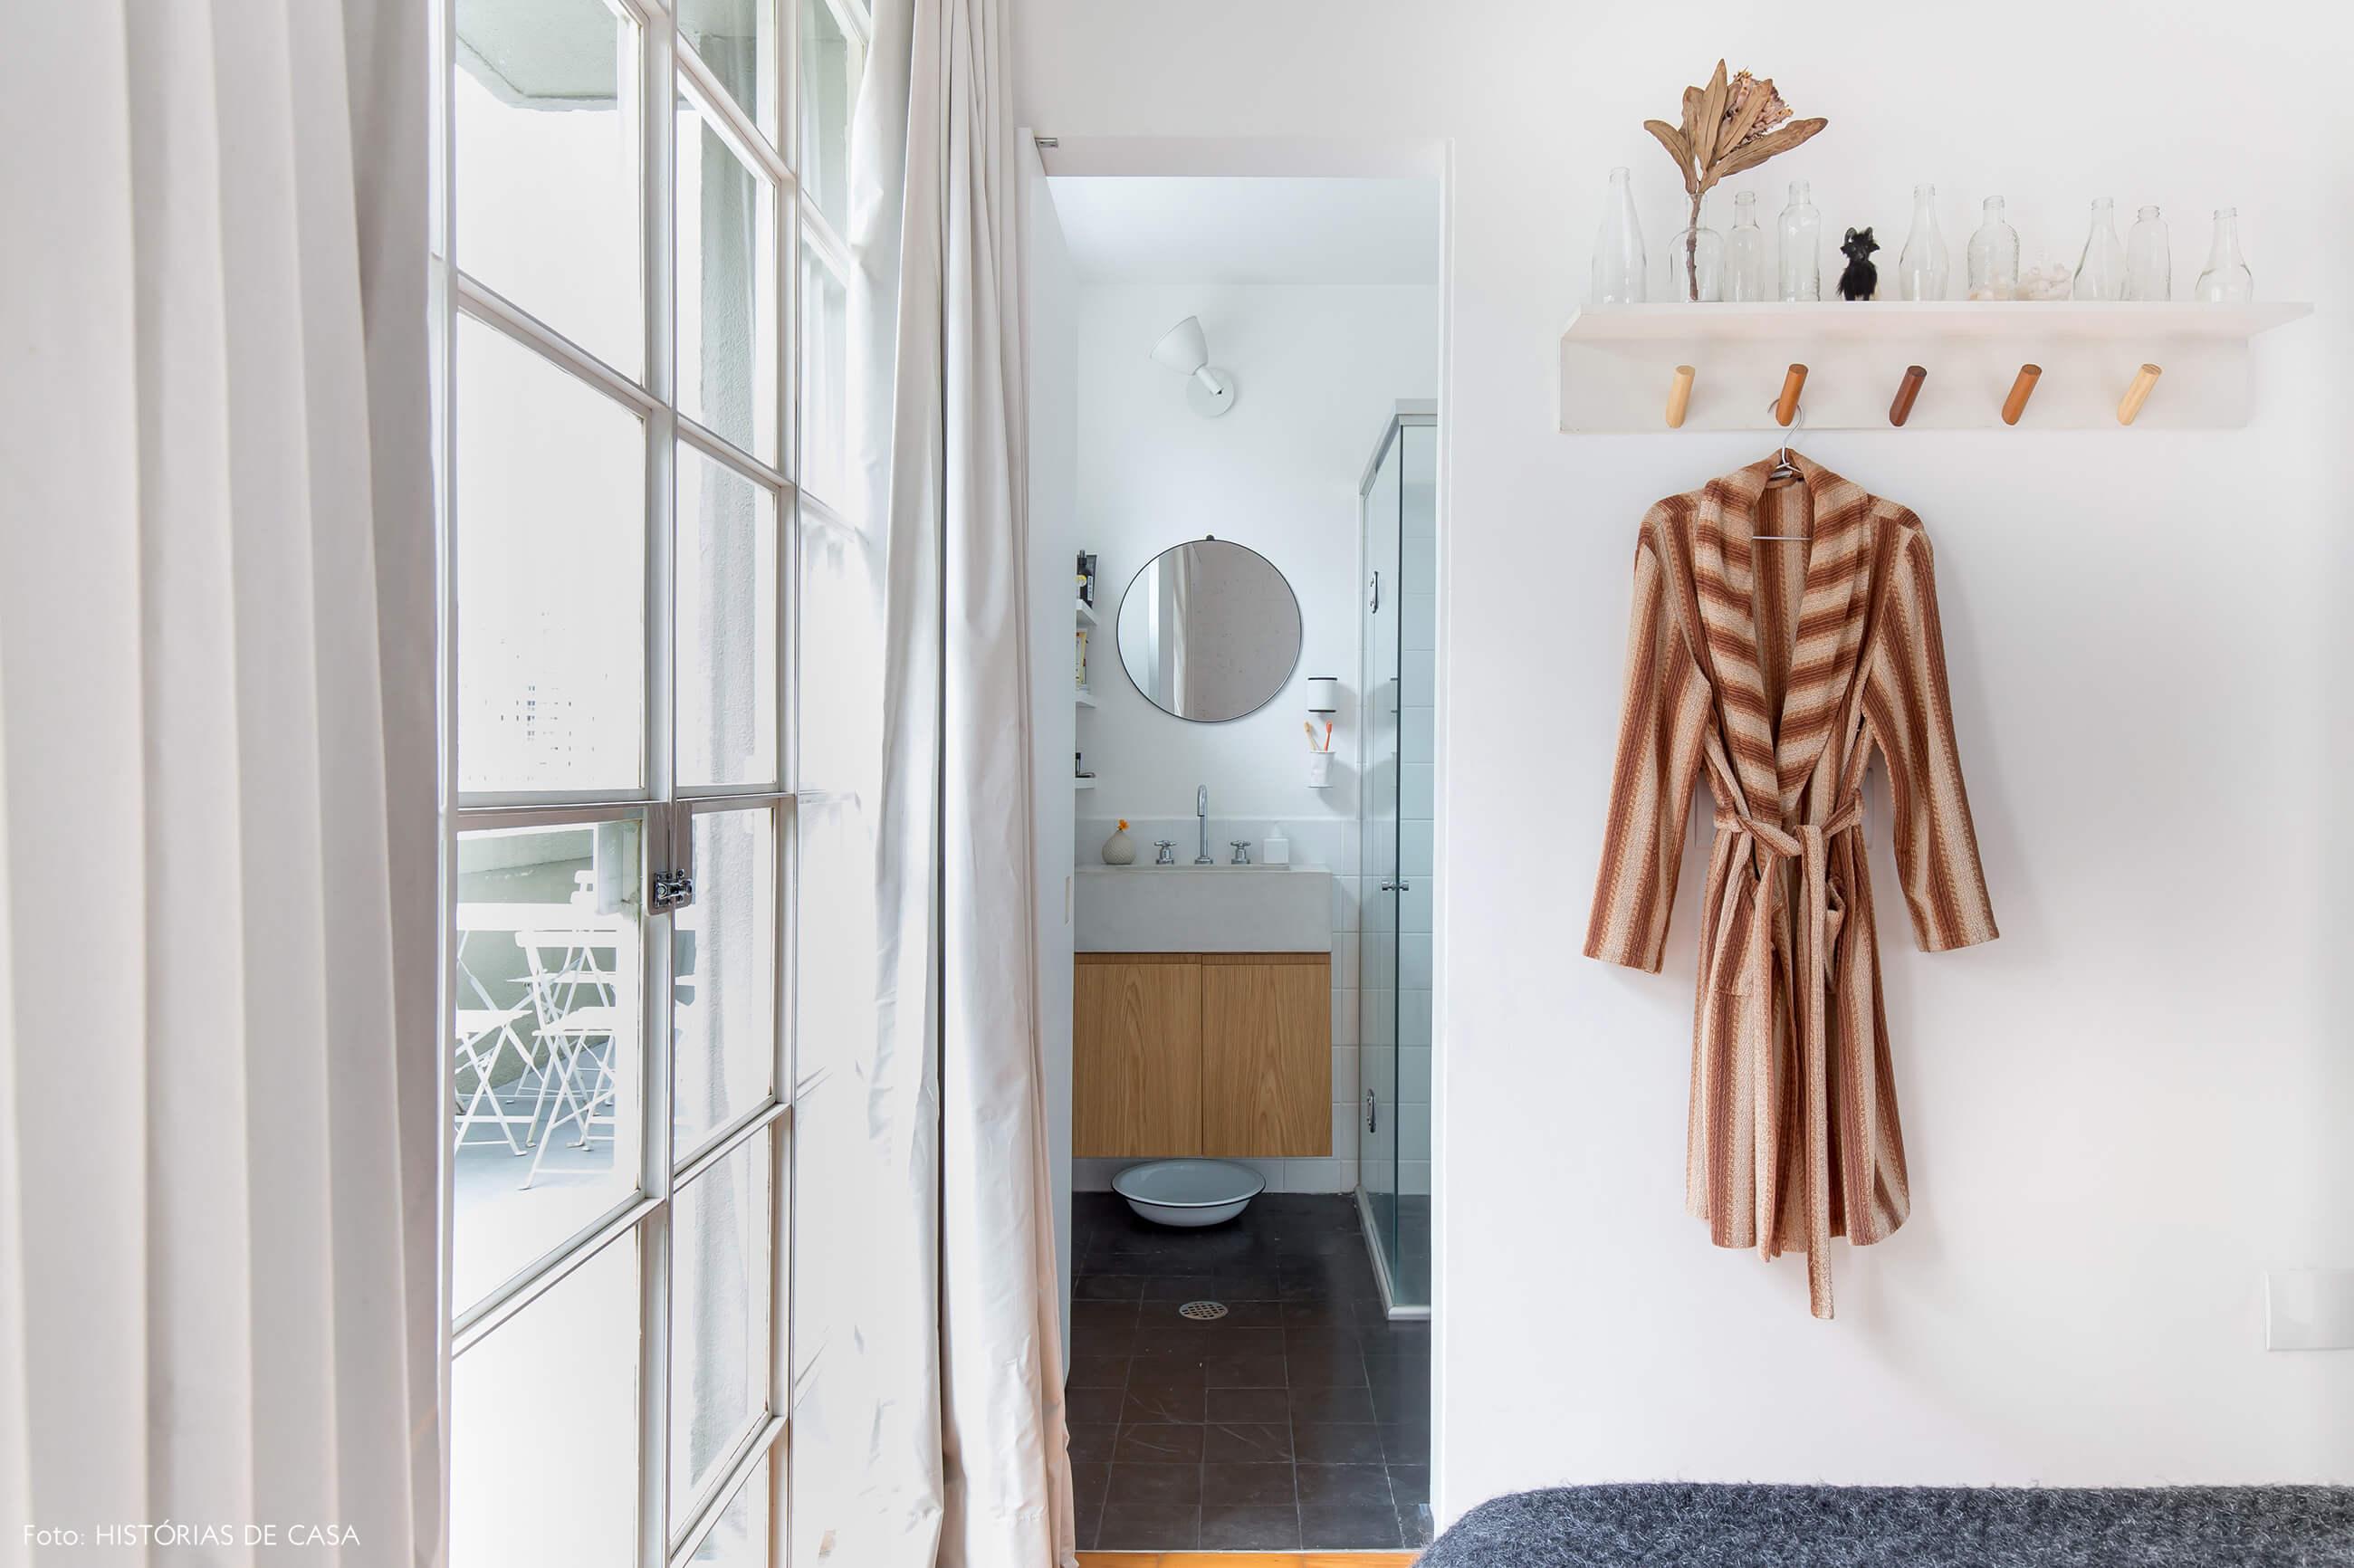 Quarto com cabideiro de madeira e banheiro de estilo industrial